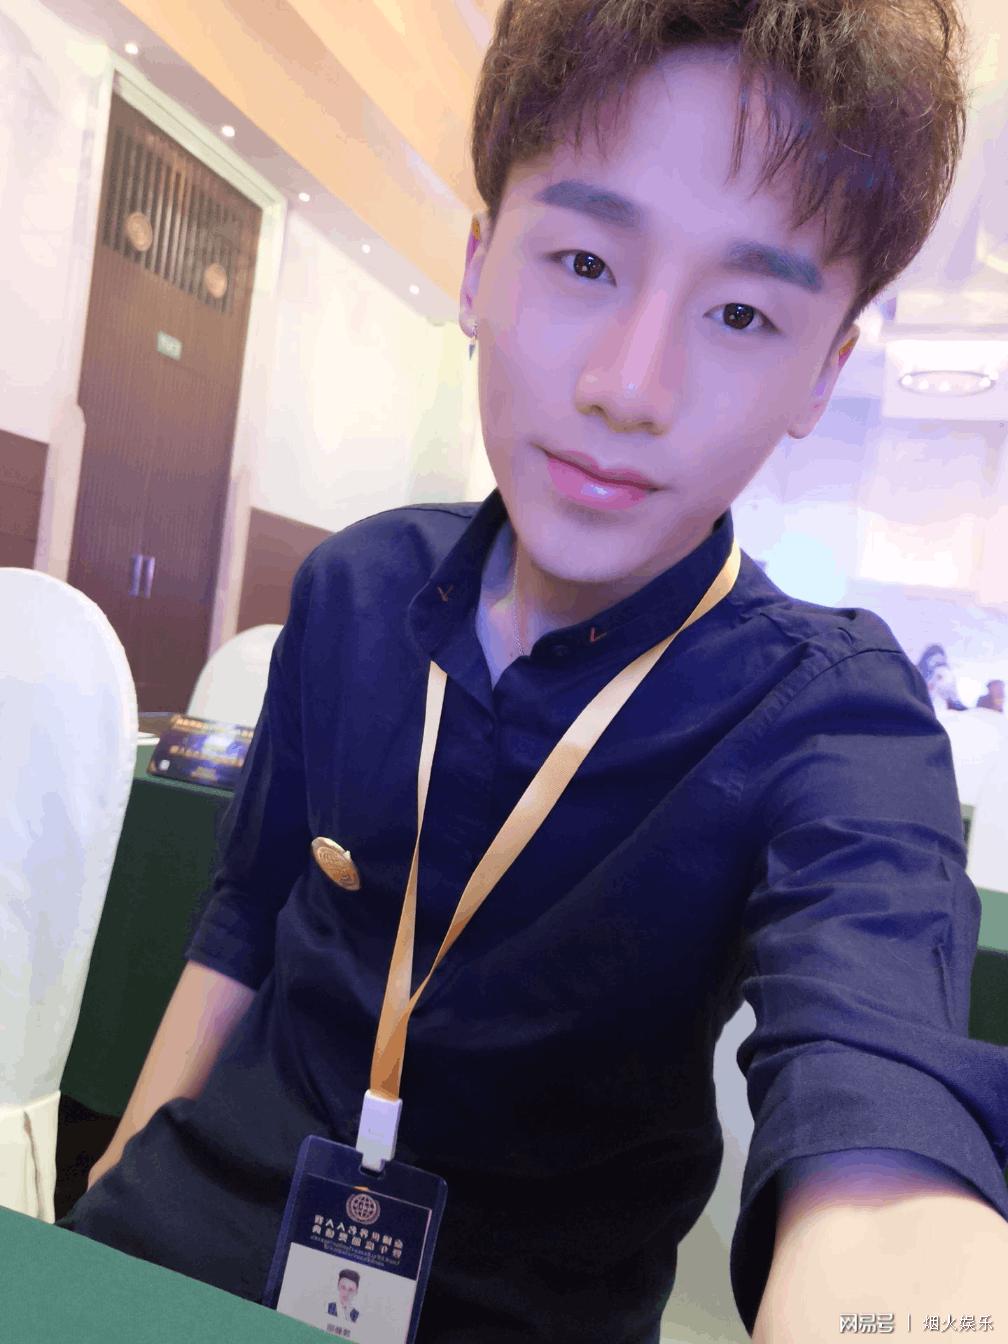 歌手陈艺桓出席中泰两国文化交流盛典